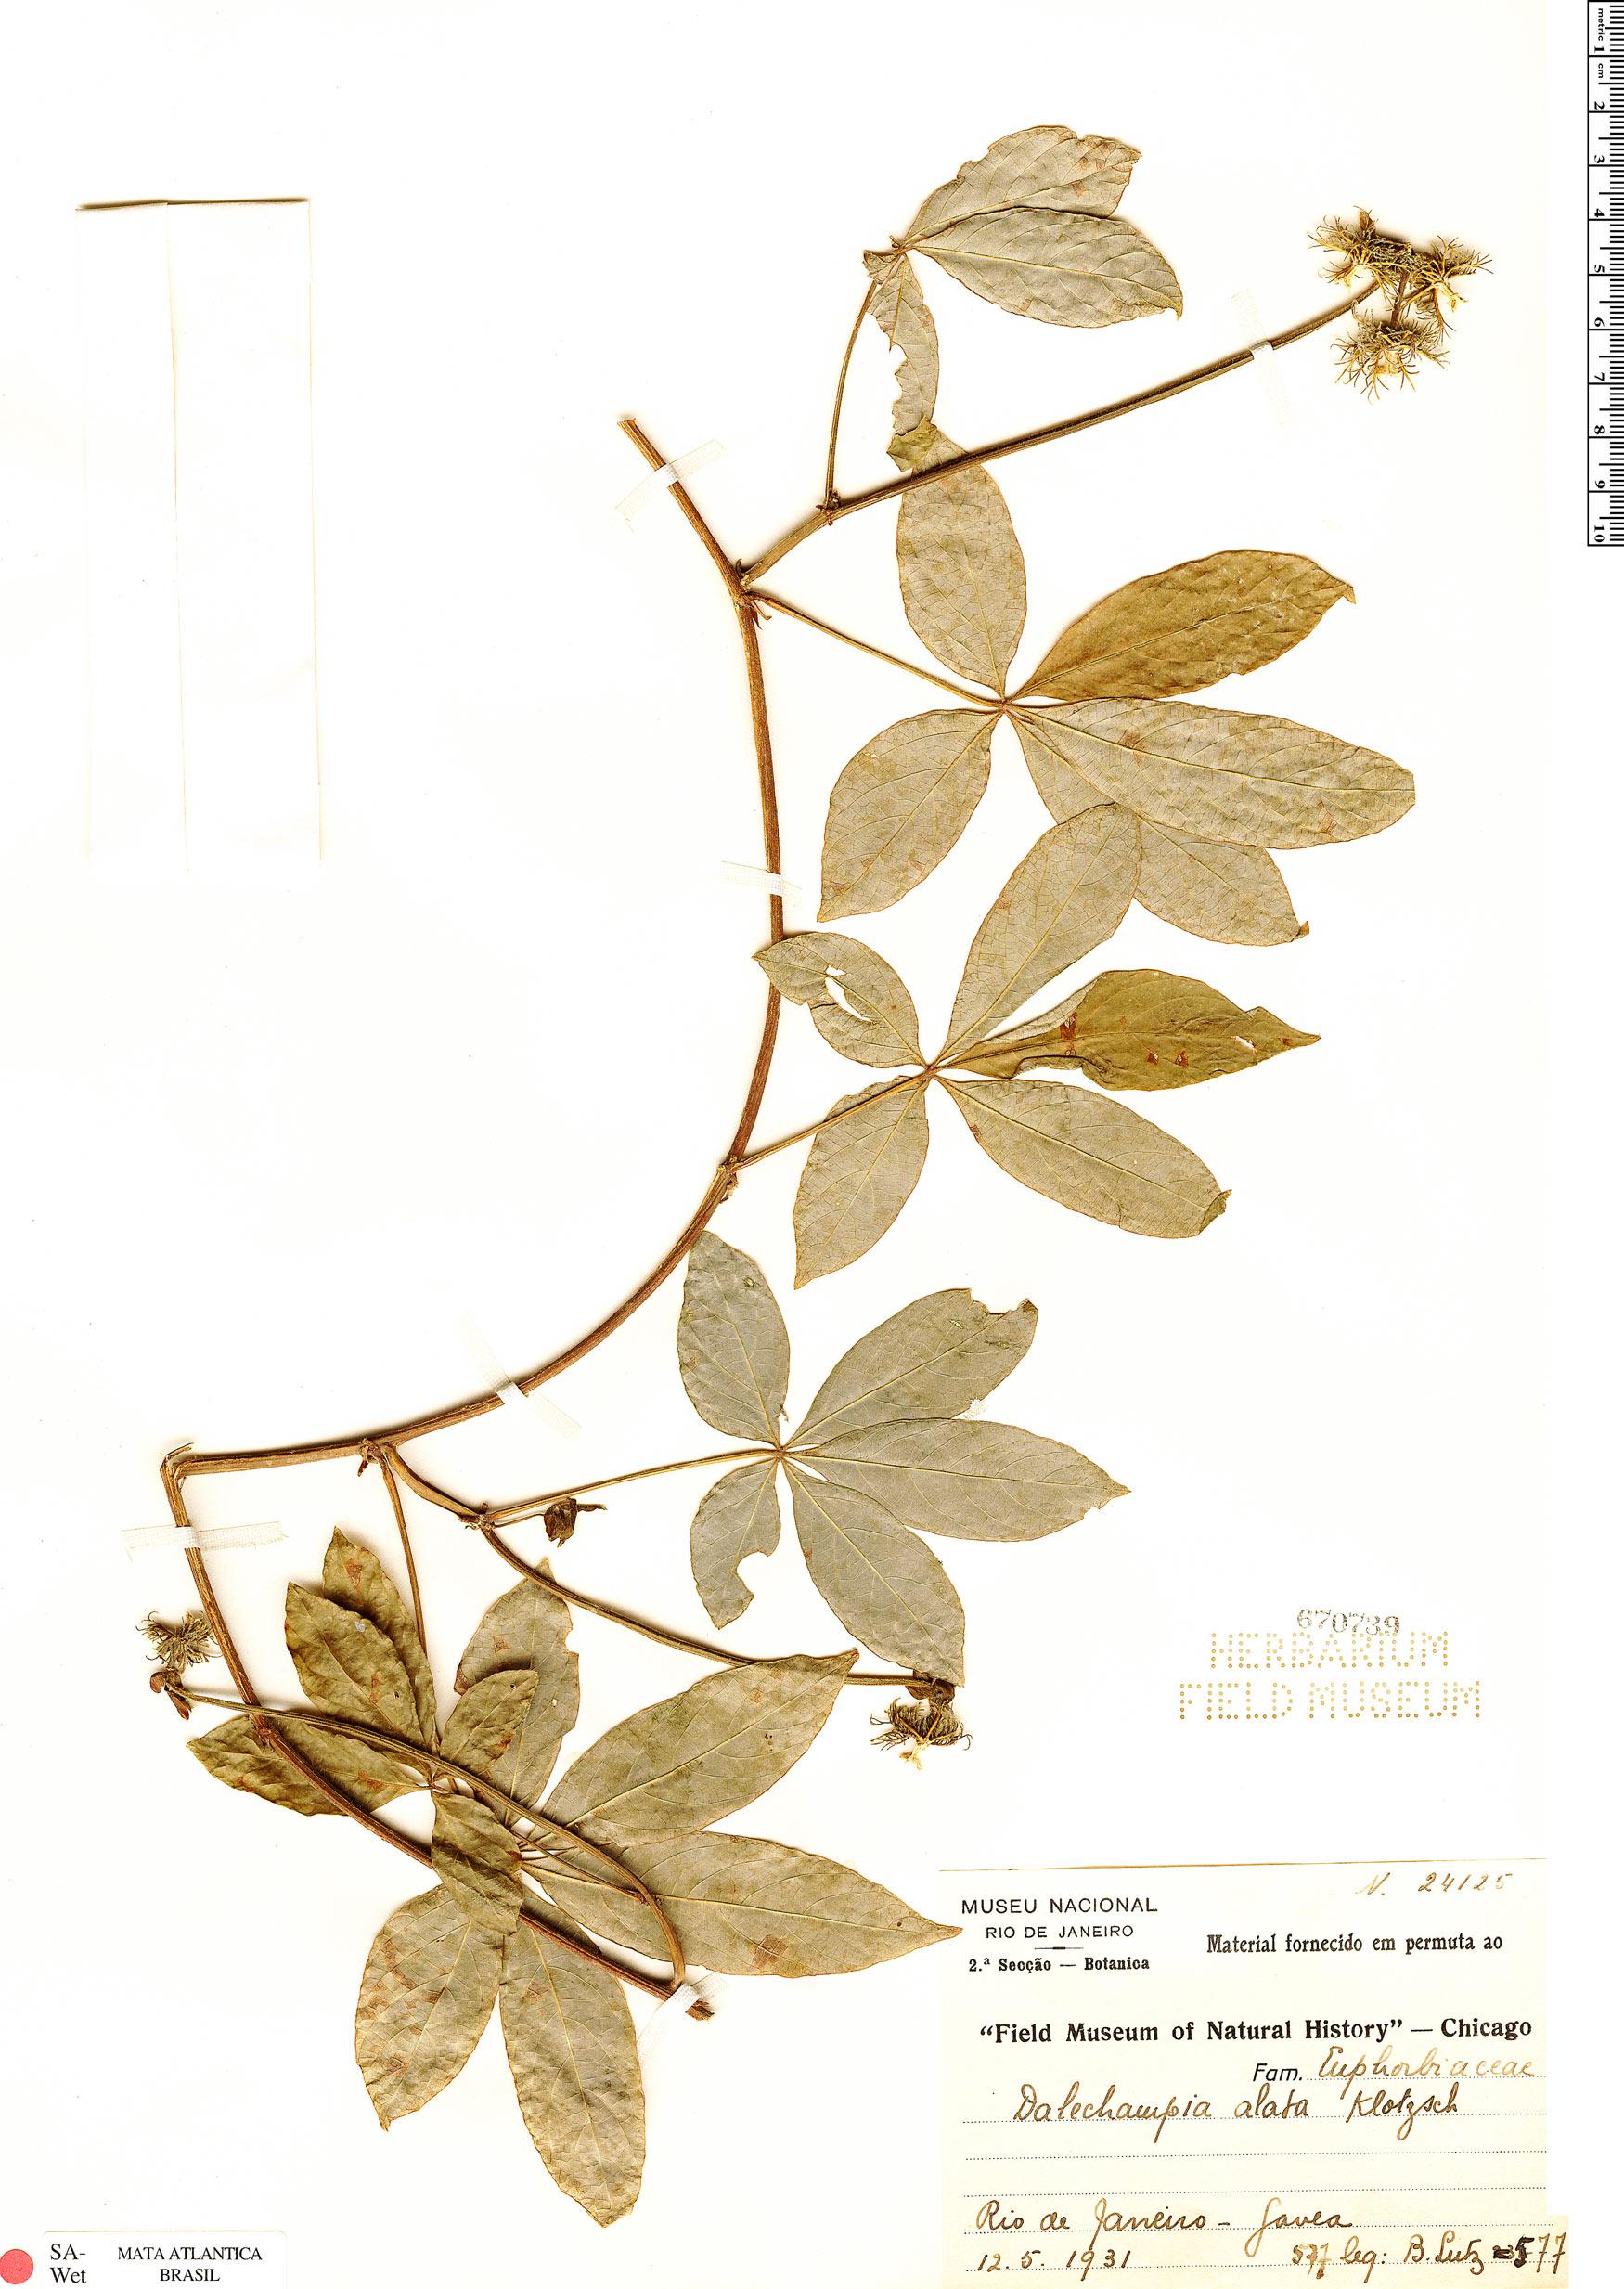 Espécimen: Dalechampia alata